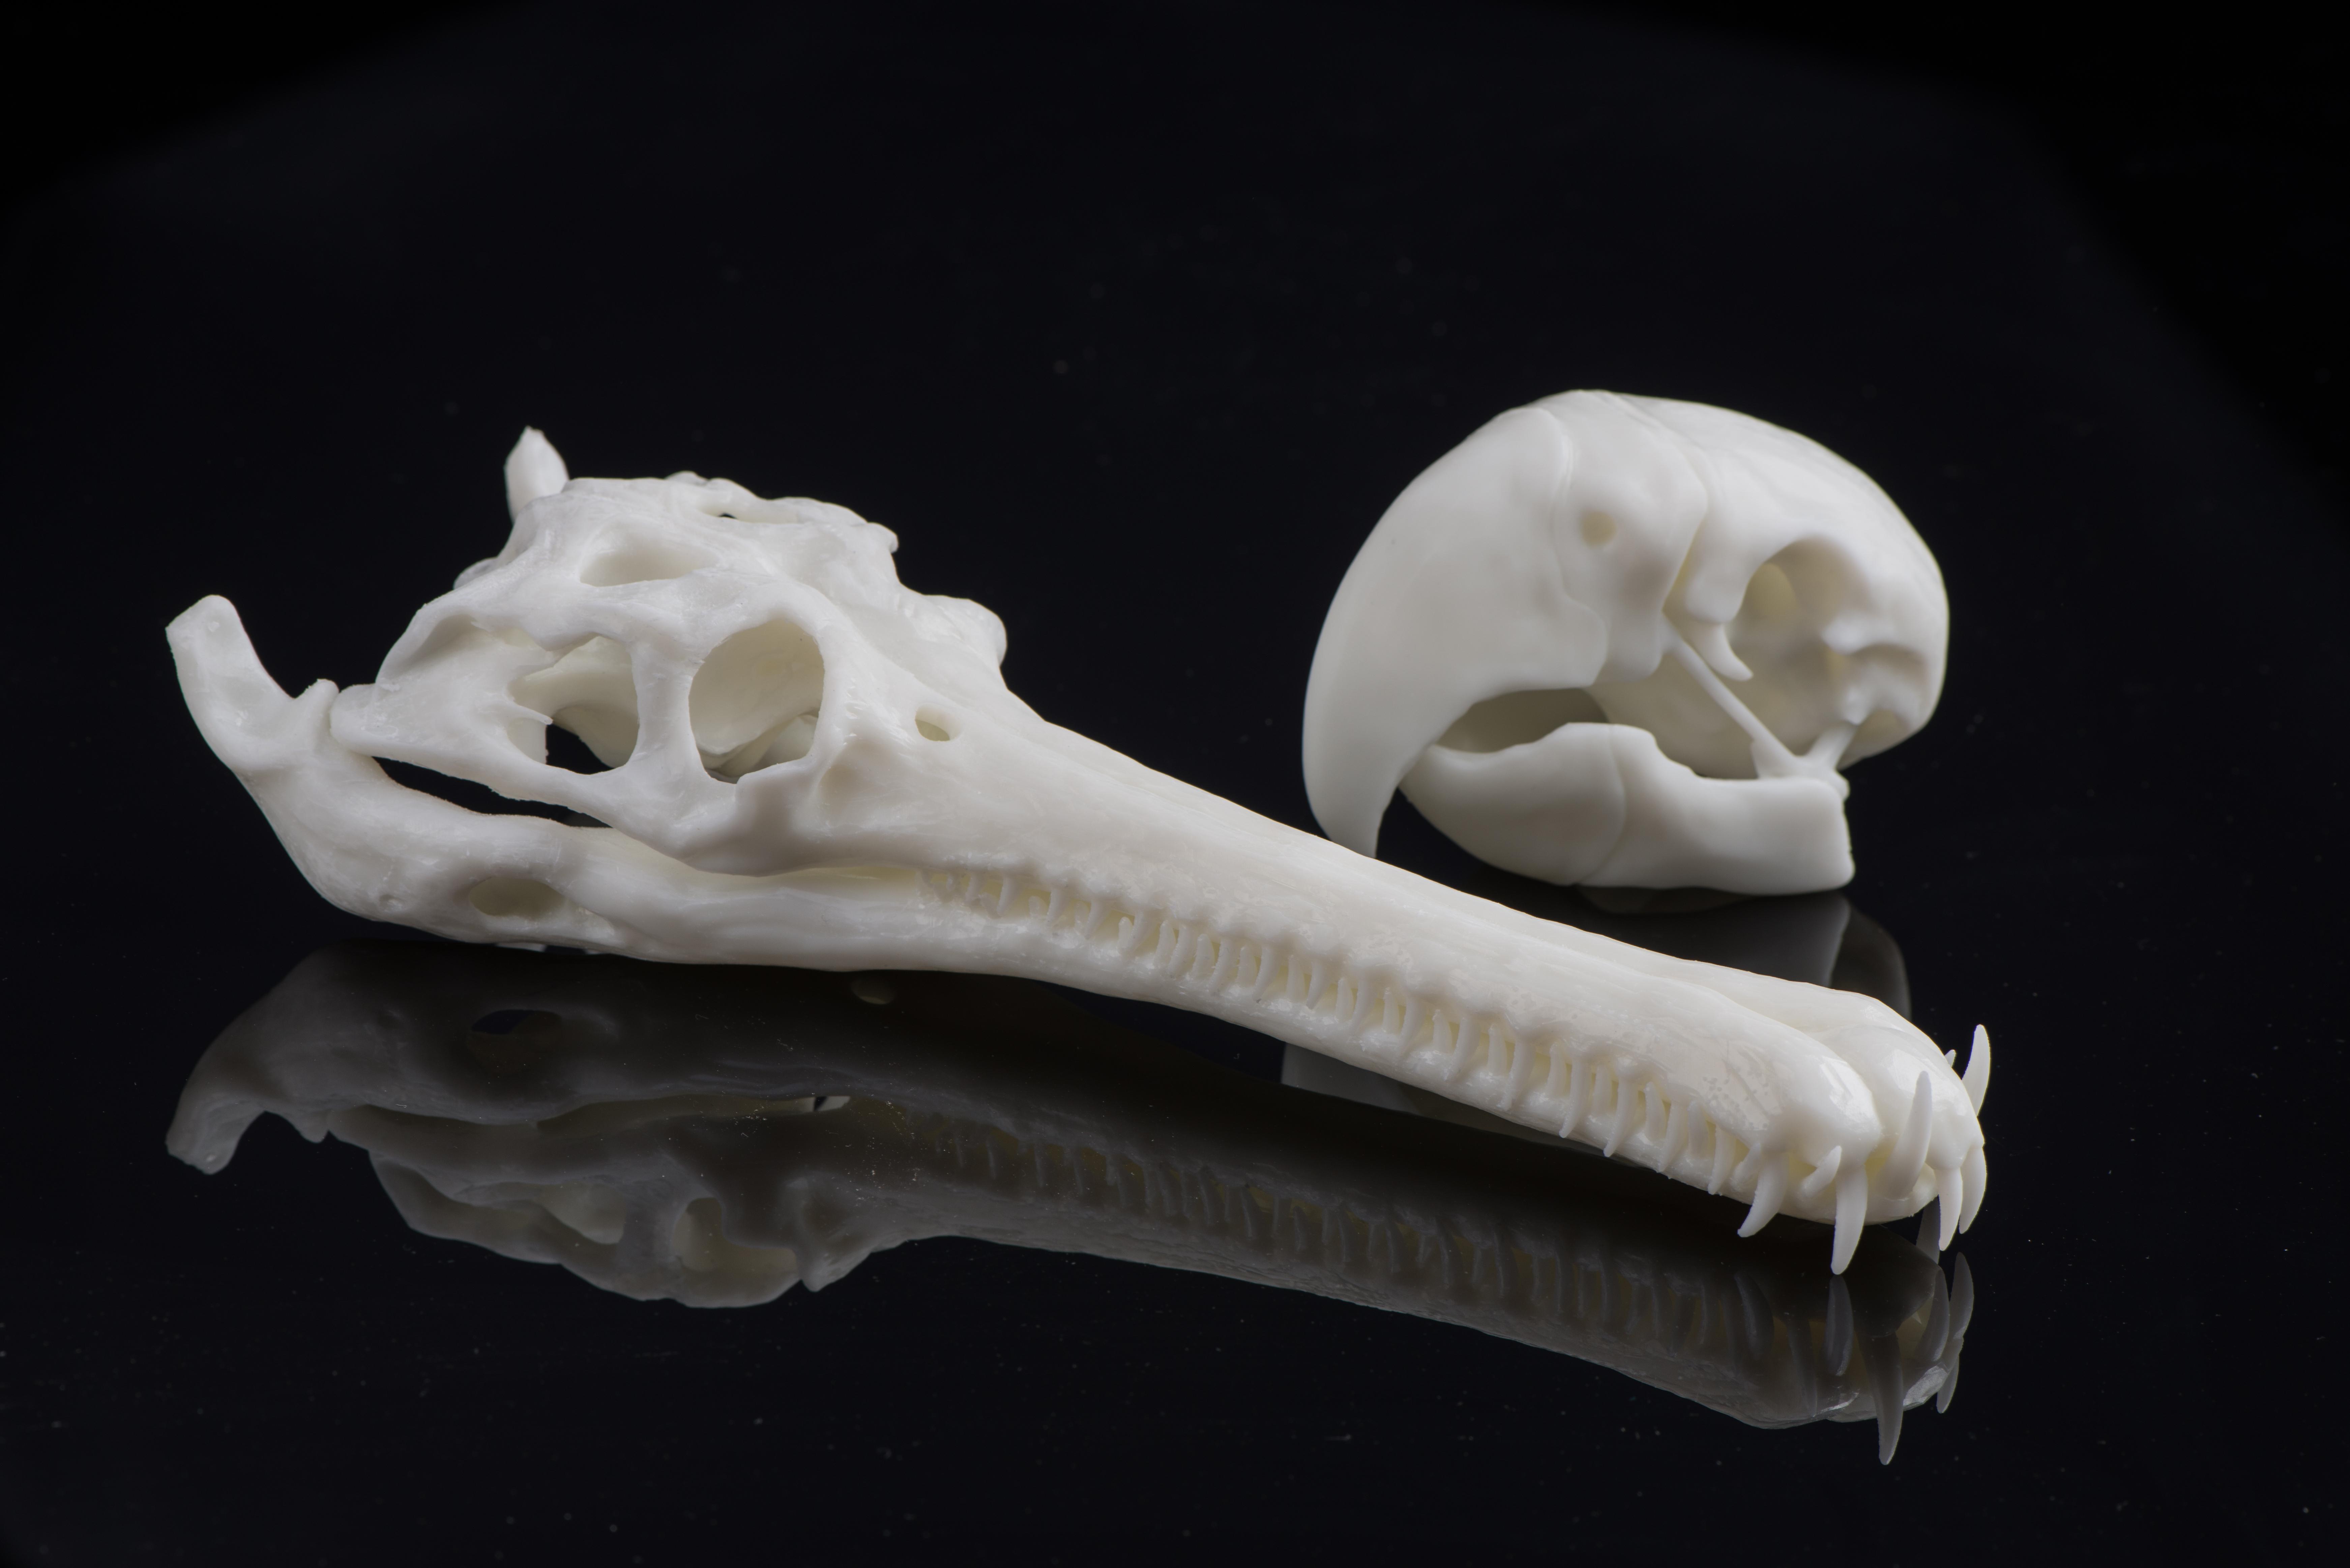 Bones printed in SOMOS resin